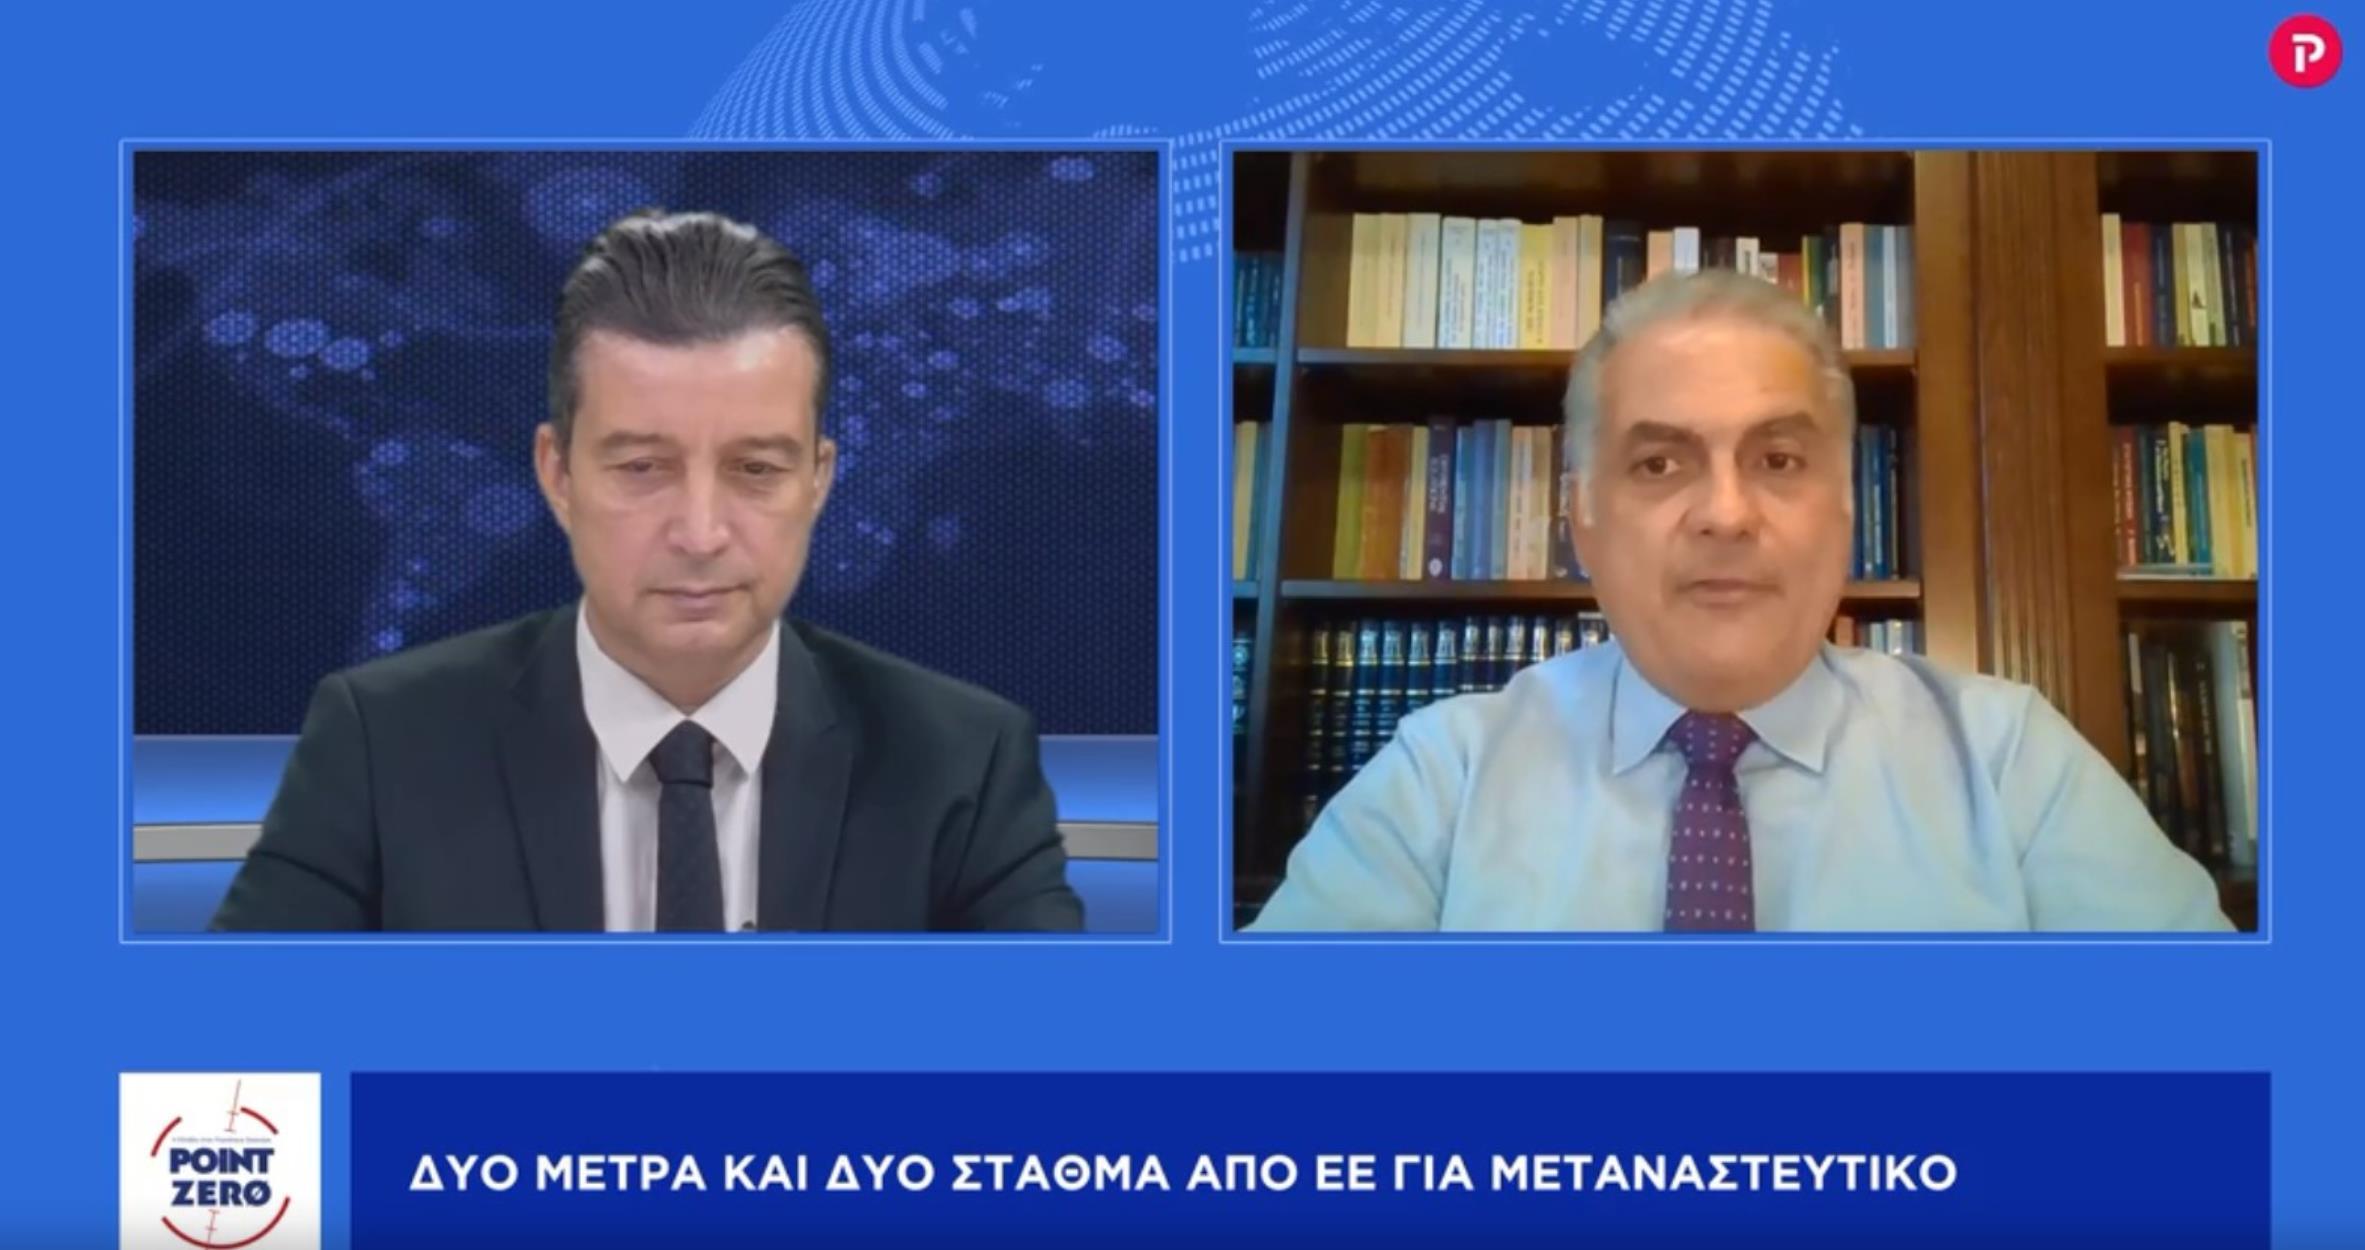 Αναστάσιος Λαυρέντζος στο pagenews.gr